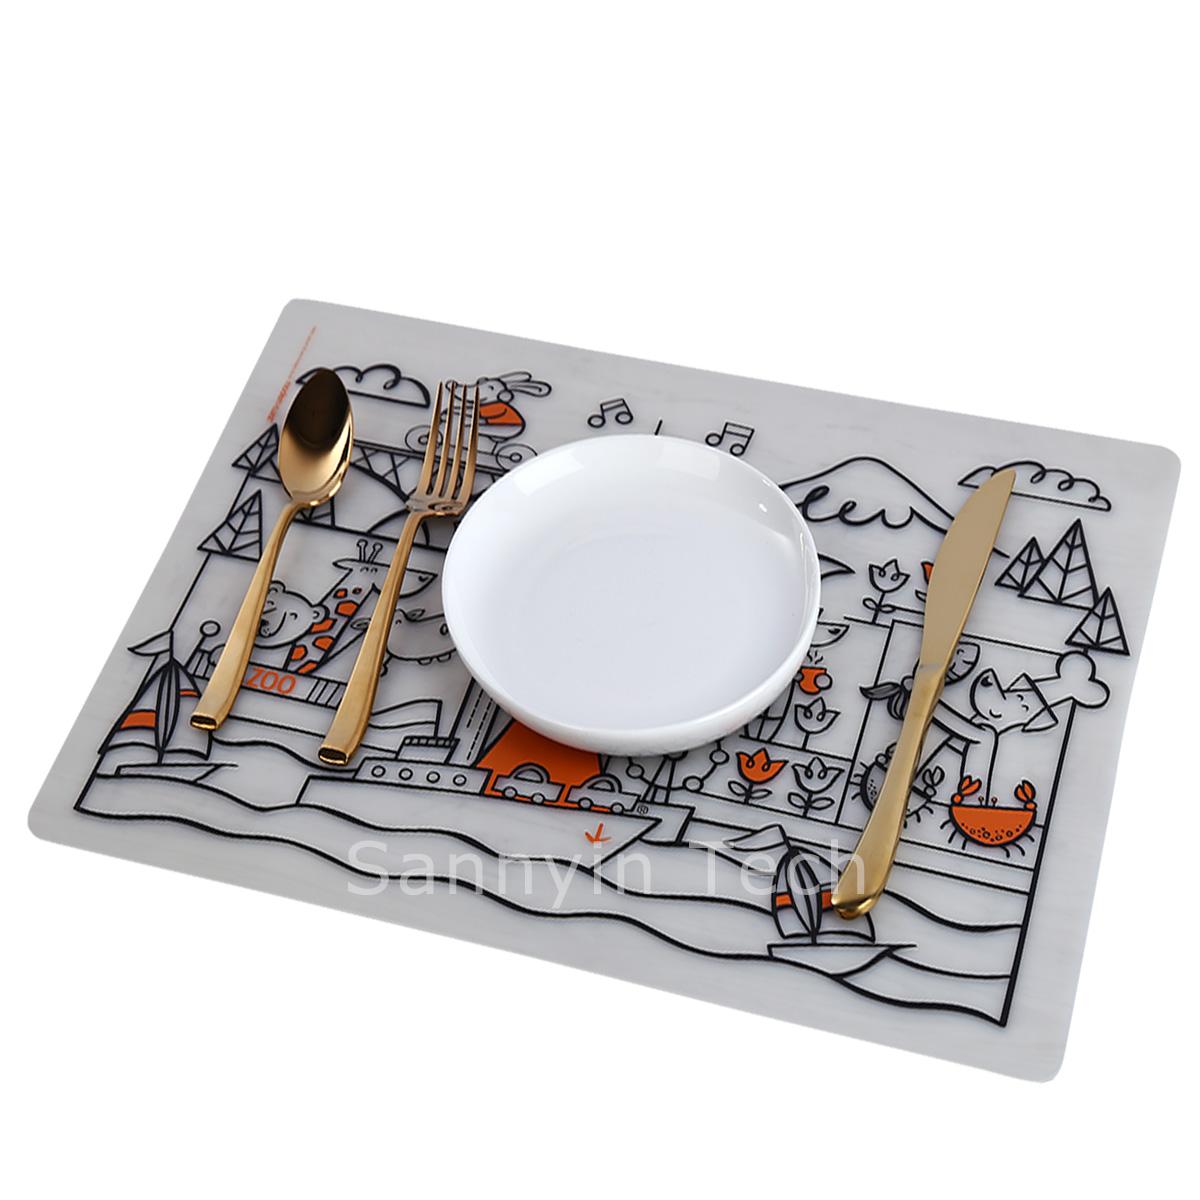 Utensilios de cocina de silicona a prueba de agua niños lavable para colorear mantel de silicona bebé niños Navidad mantel